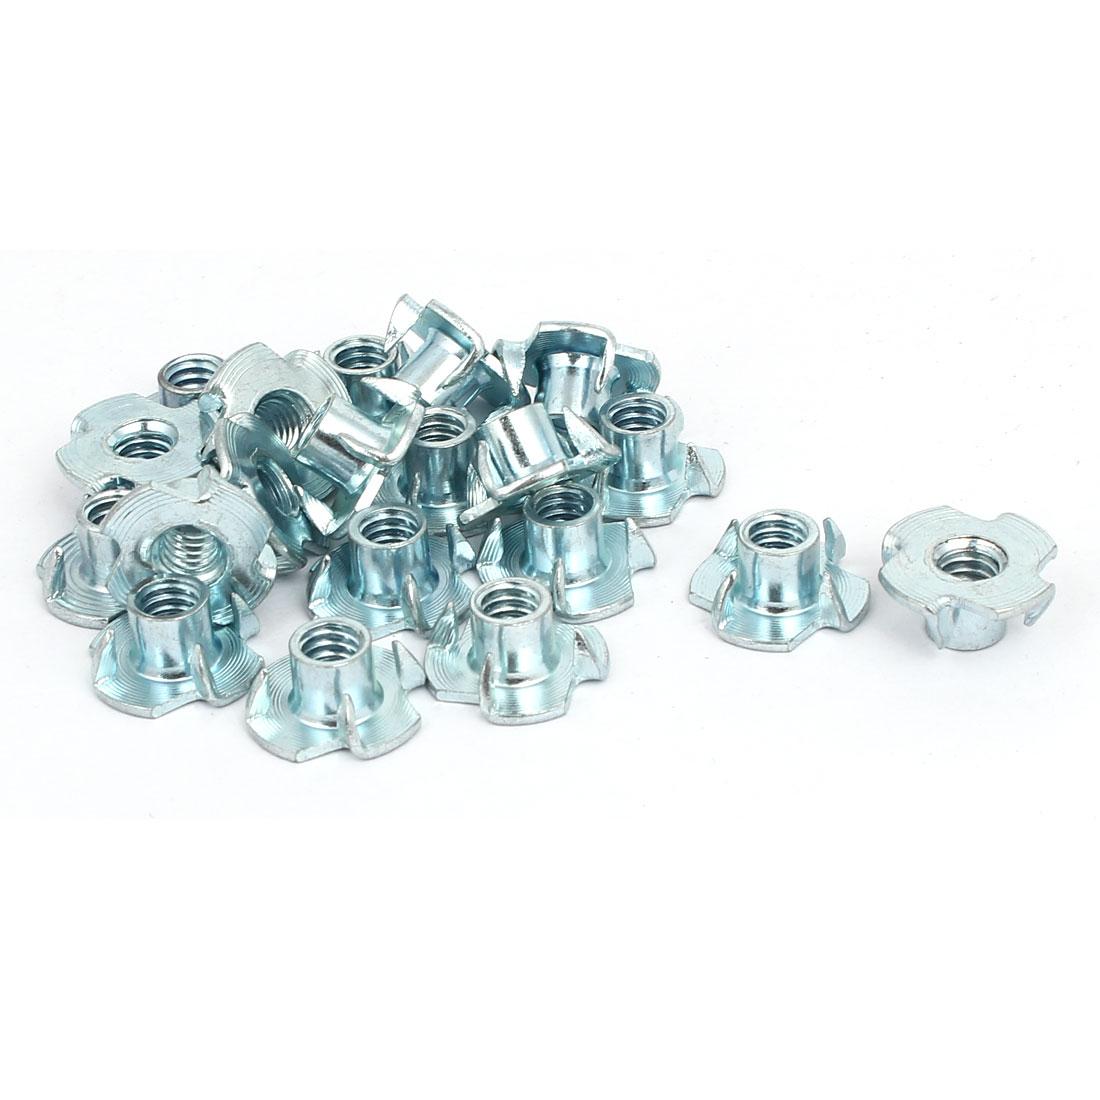 1//4-20 Piece-50 Hard-to-Find Fastener 014973285197 Grade 8 Coarse Lock Nuts